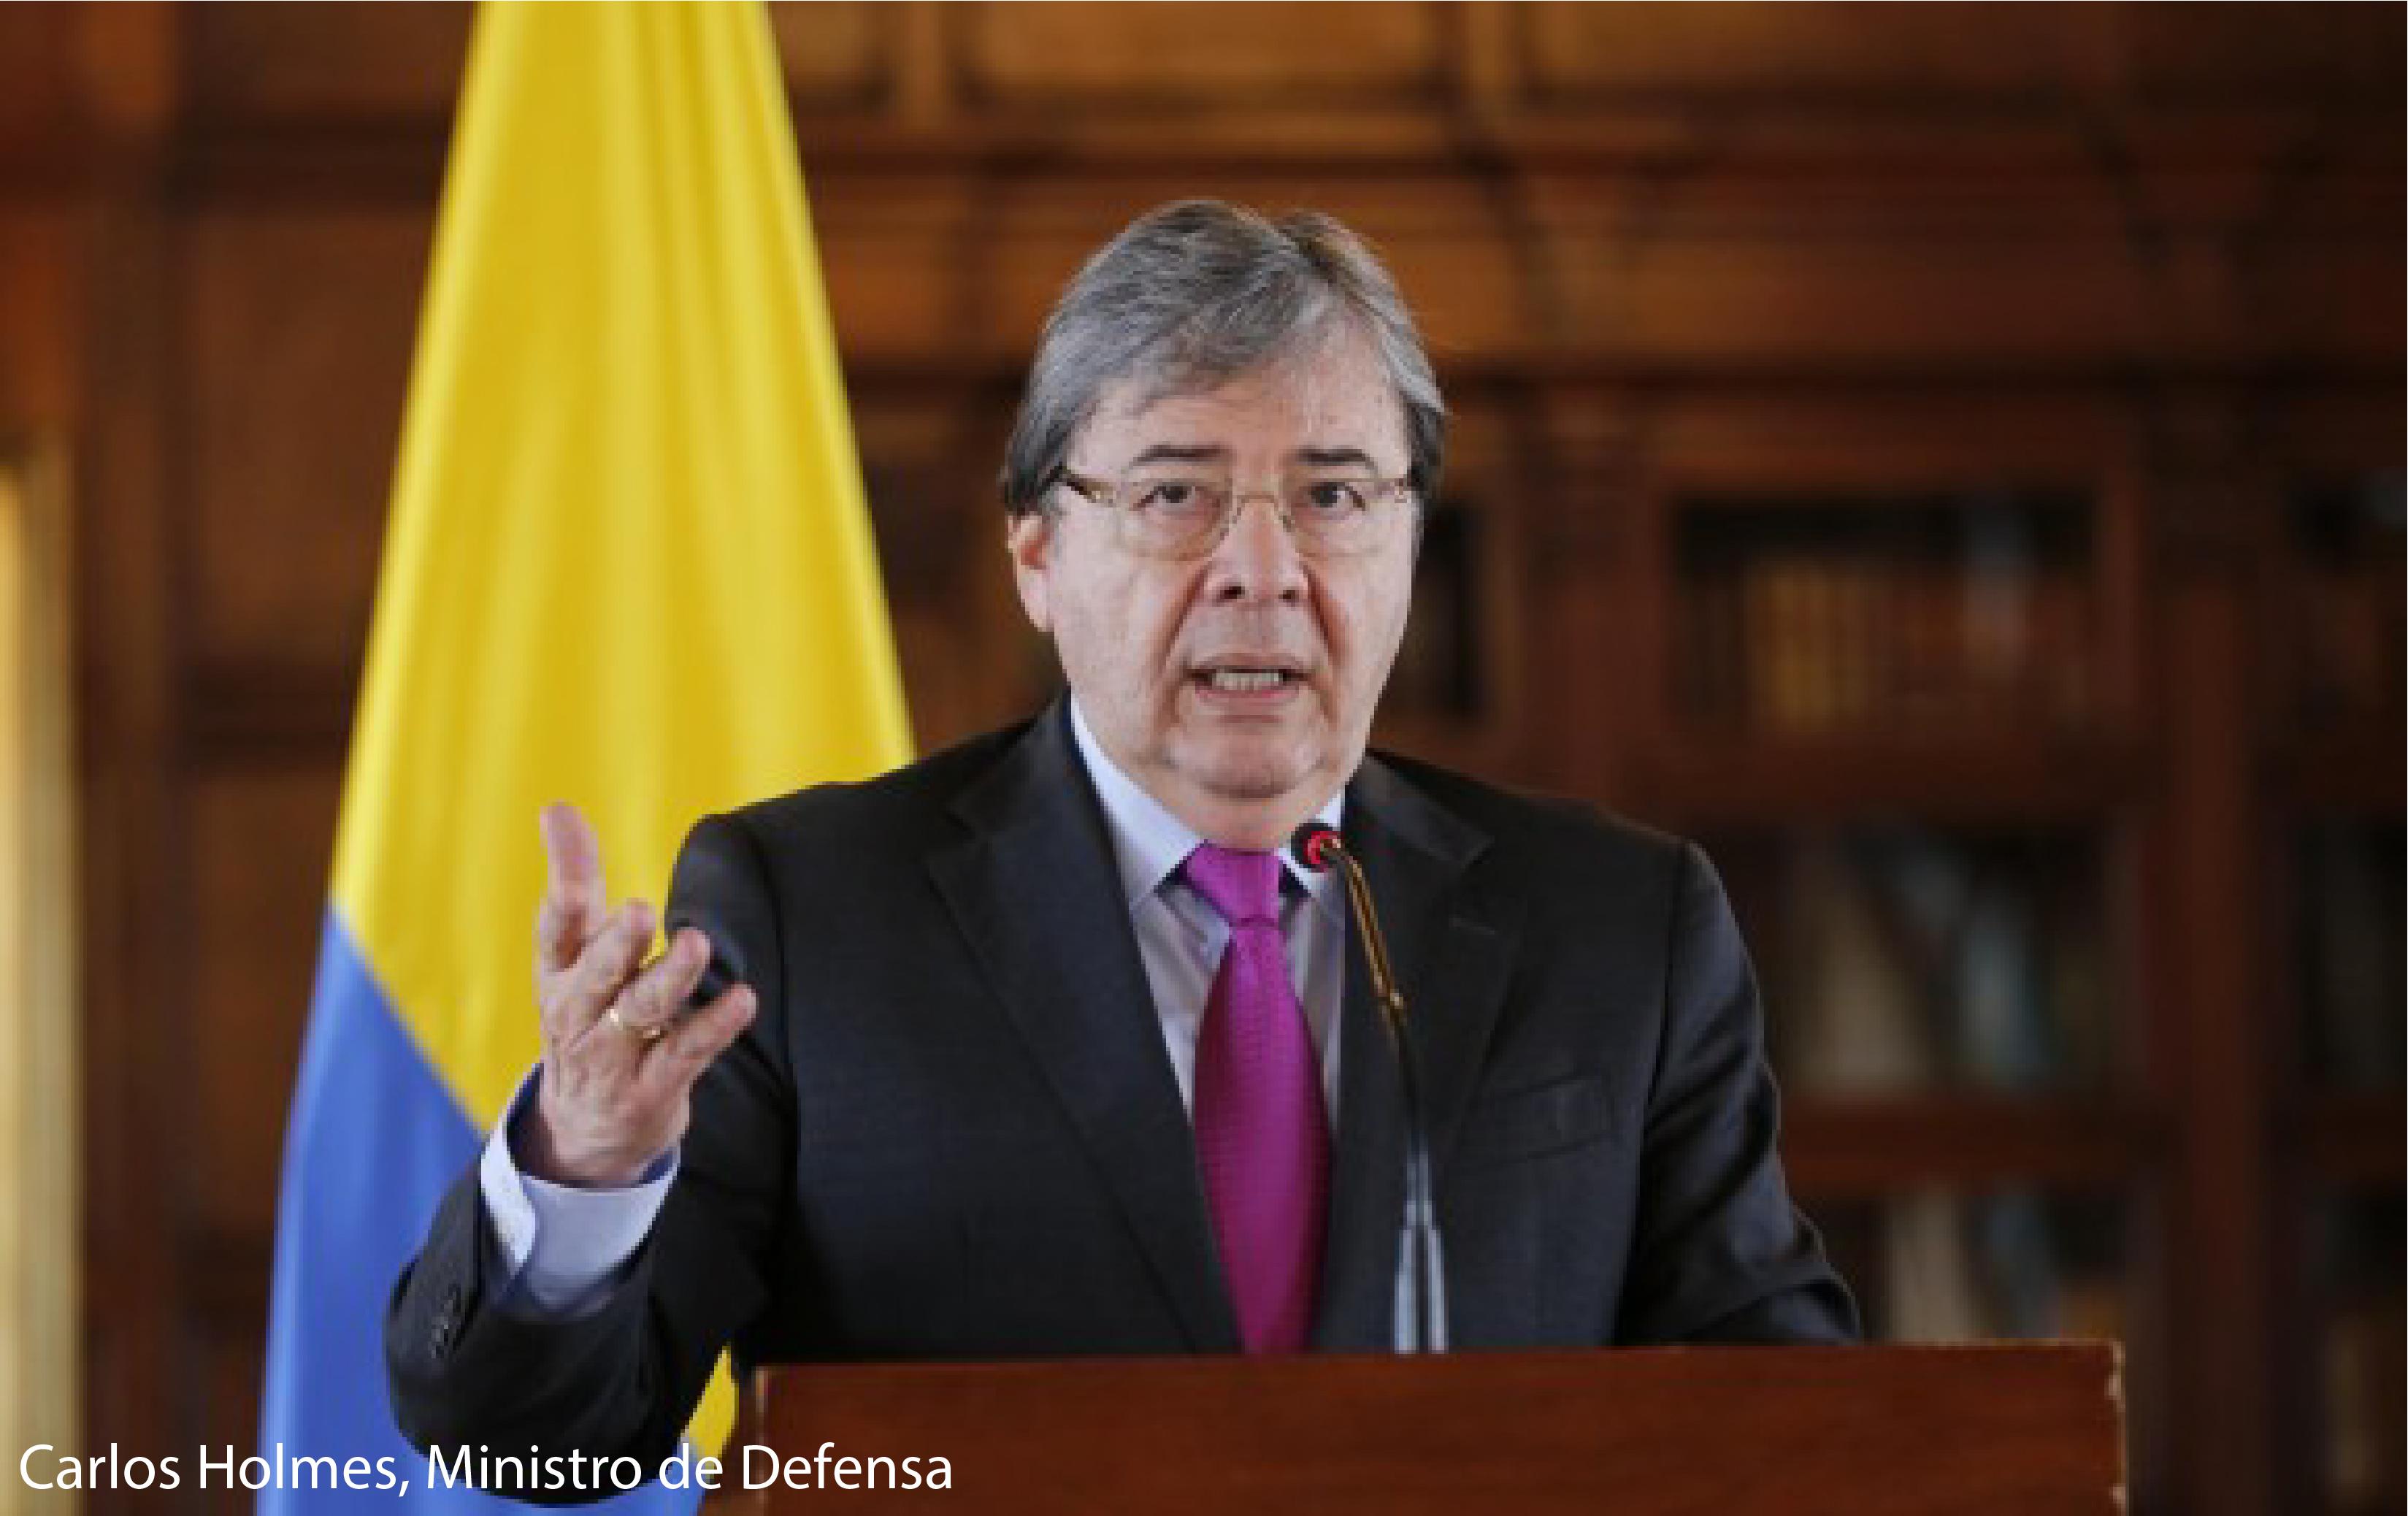 MINISTRO DE DEFENSA CARLOS HOLMES